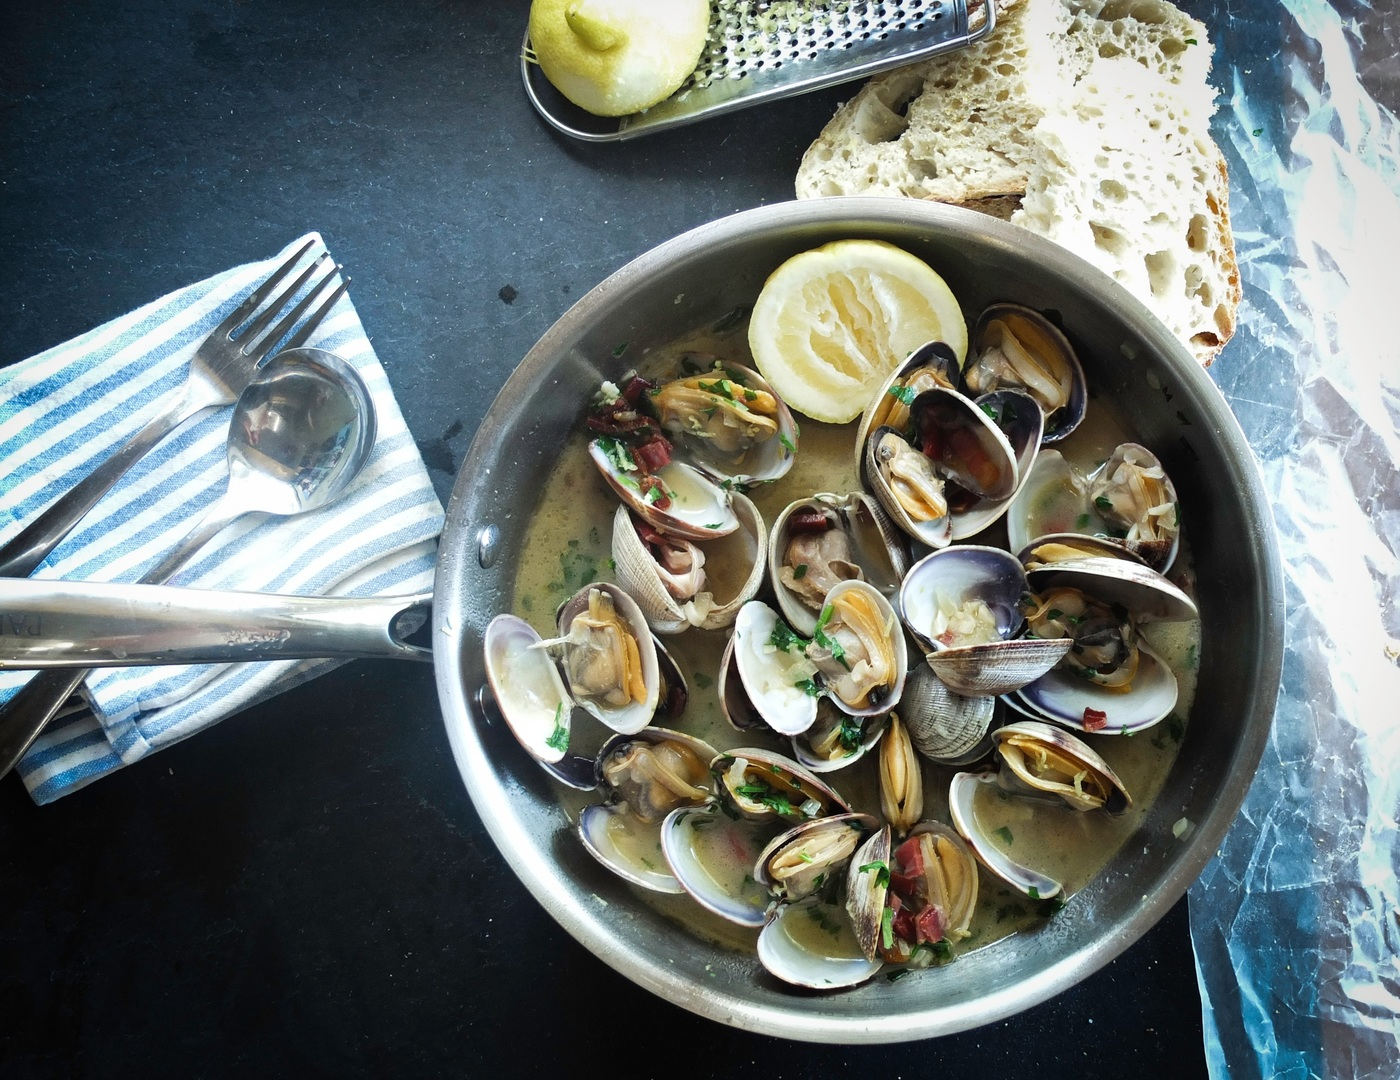 Frutos do mar: panela de mexilhões